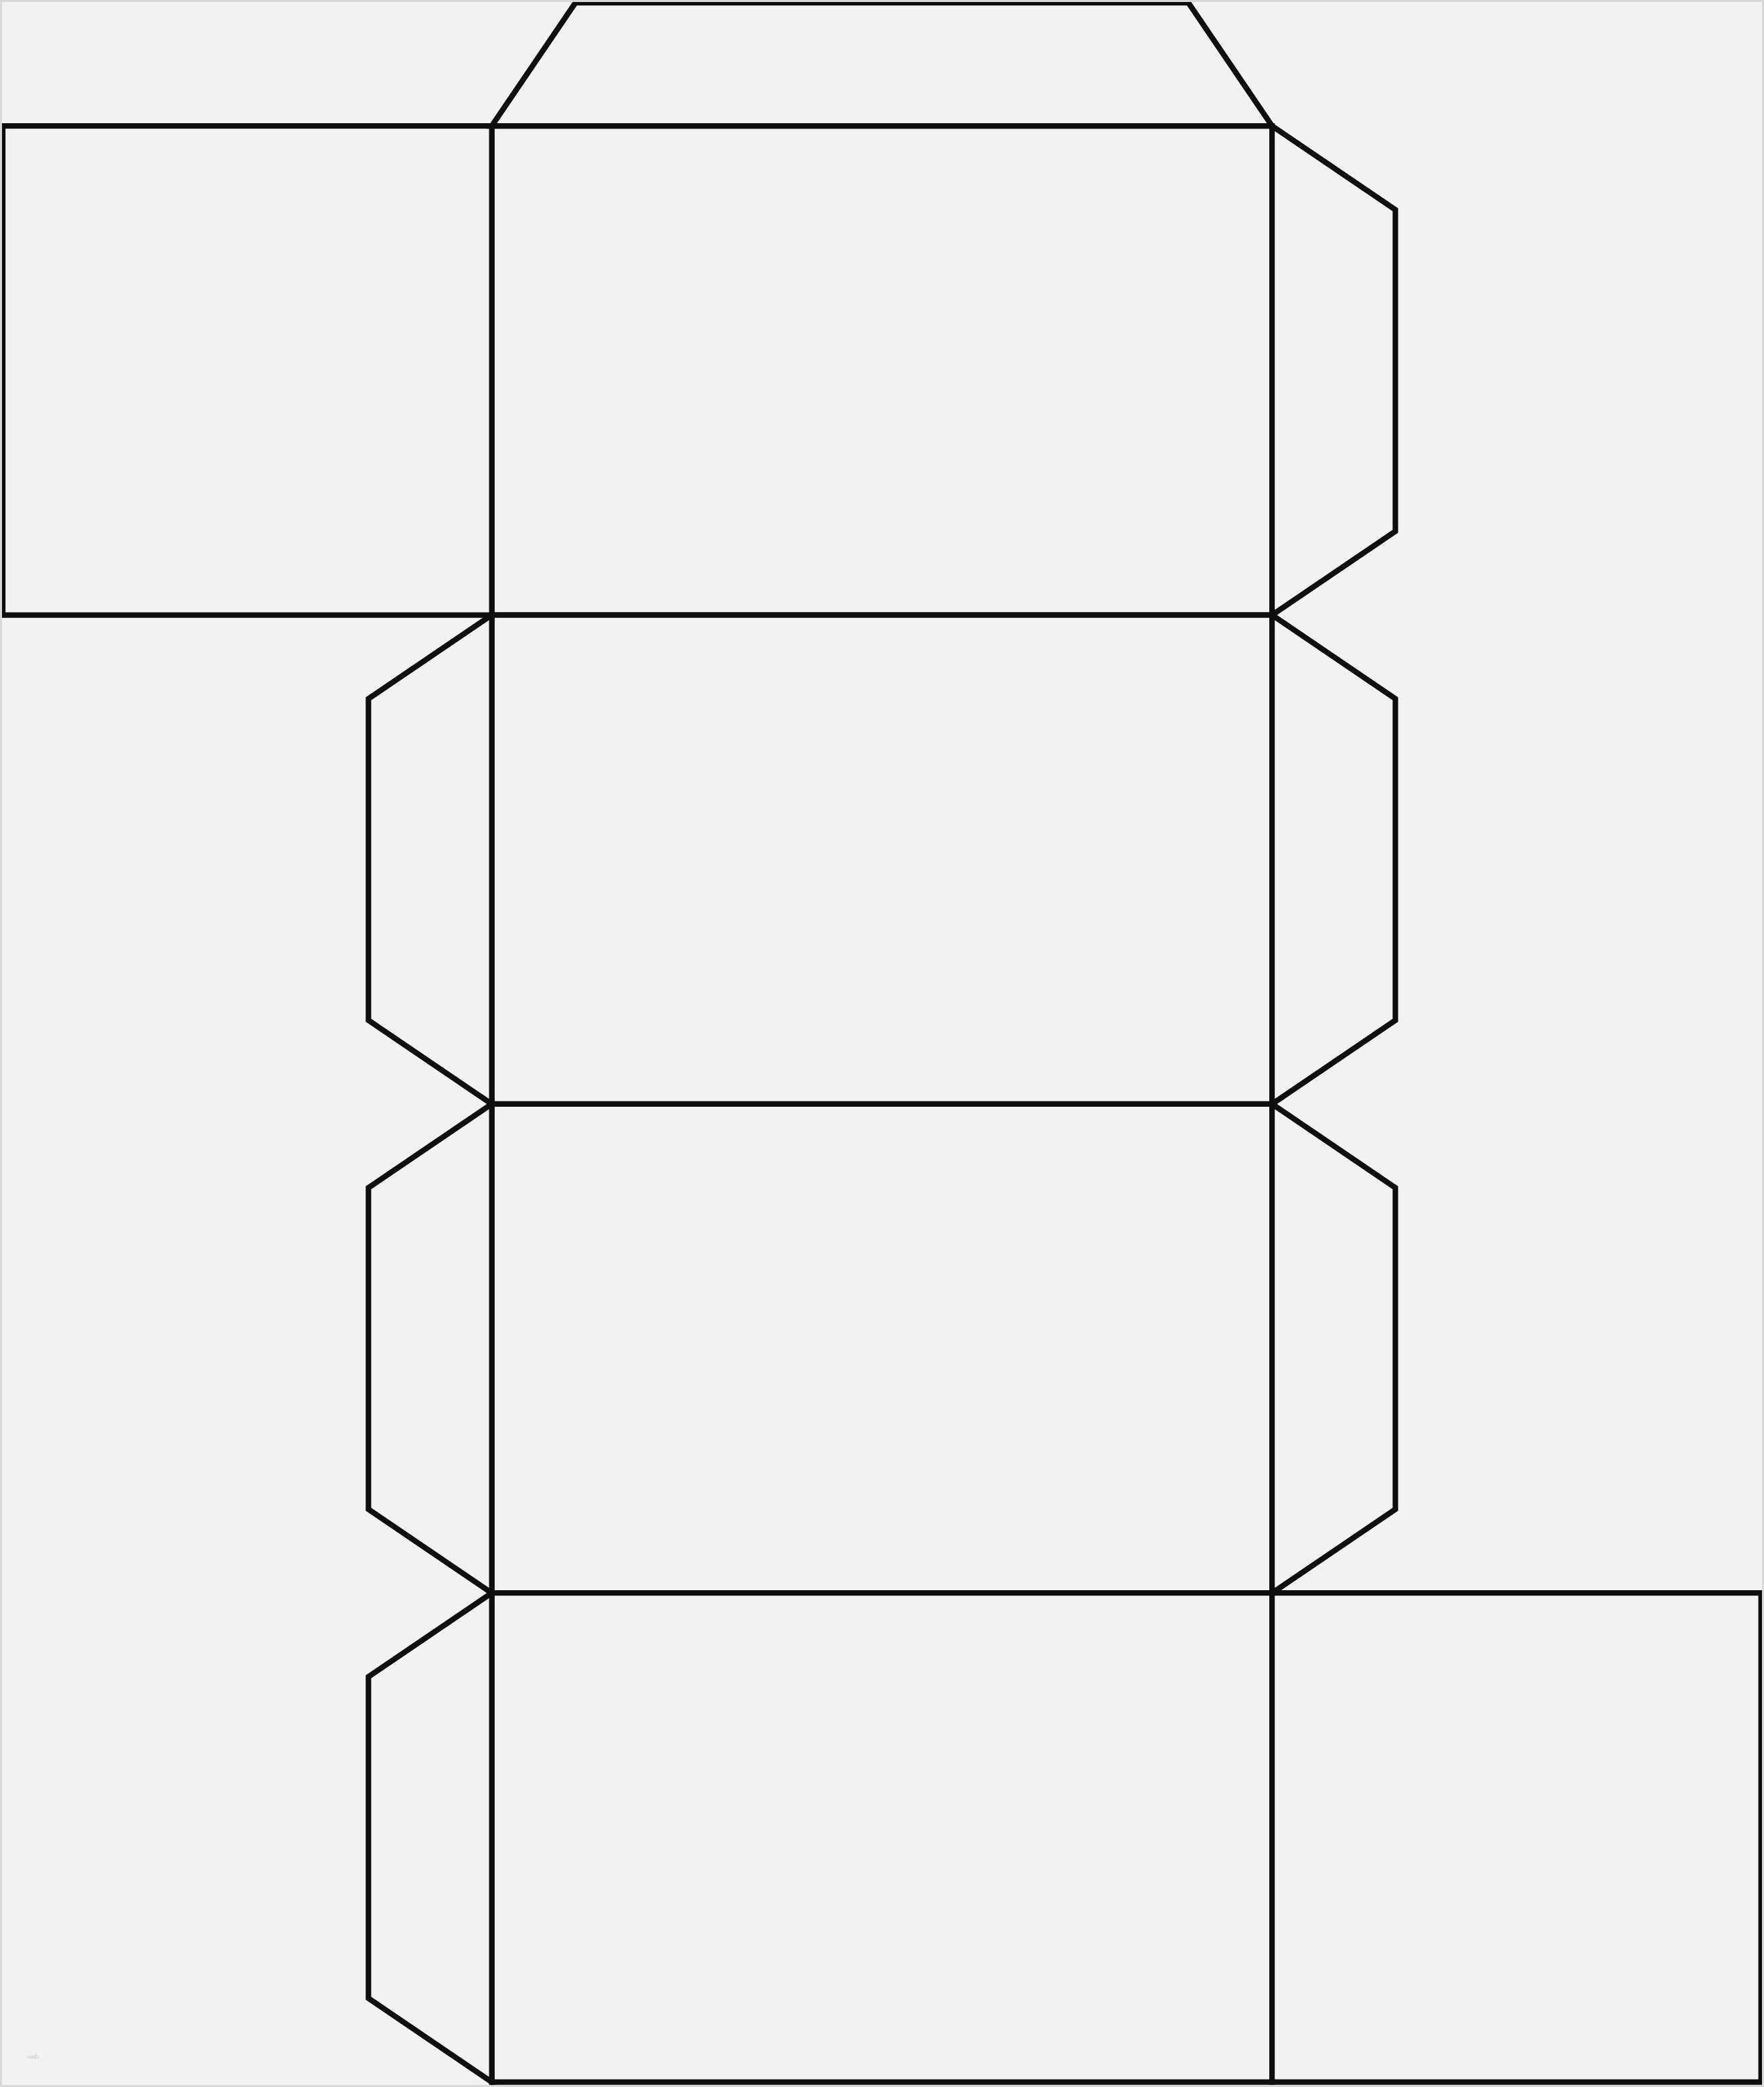 Schachtel Basteln Vorlage Erstaunlich Haus Falten Mit Rechteckige For Schachtel Basteln Basteln Mit Papier Falten Karton Basteln